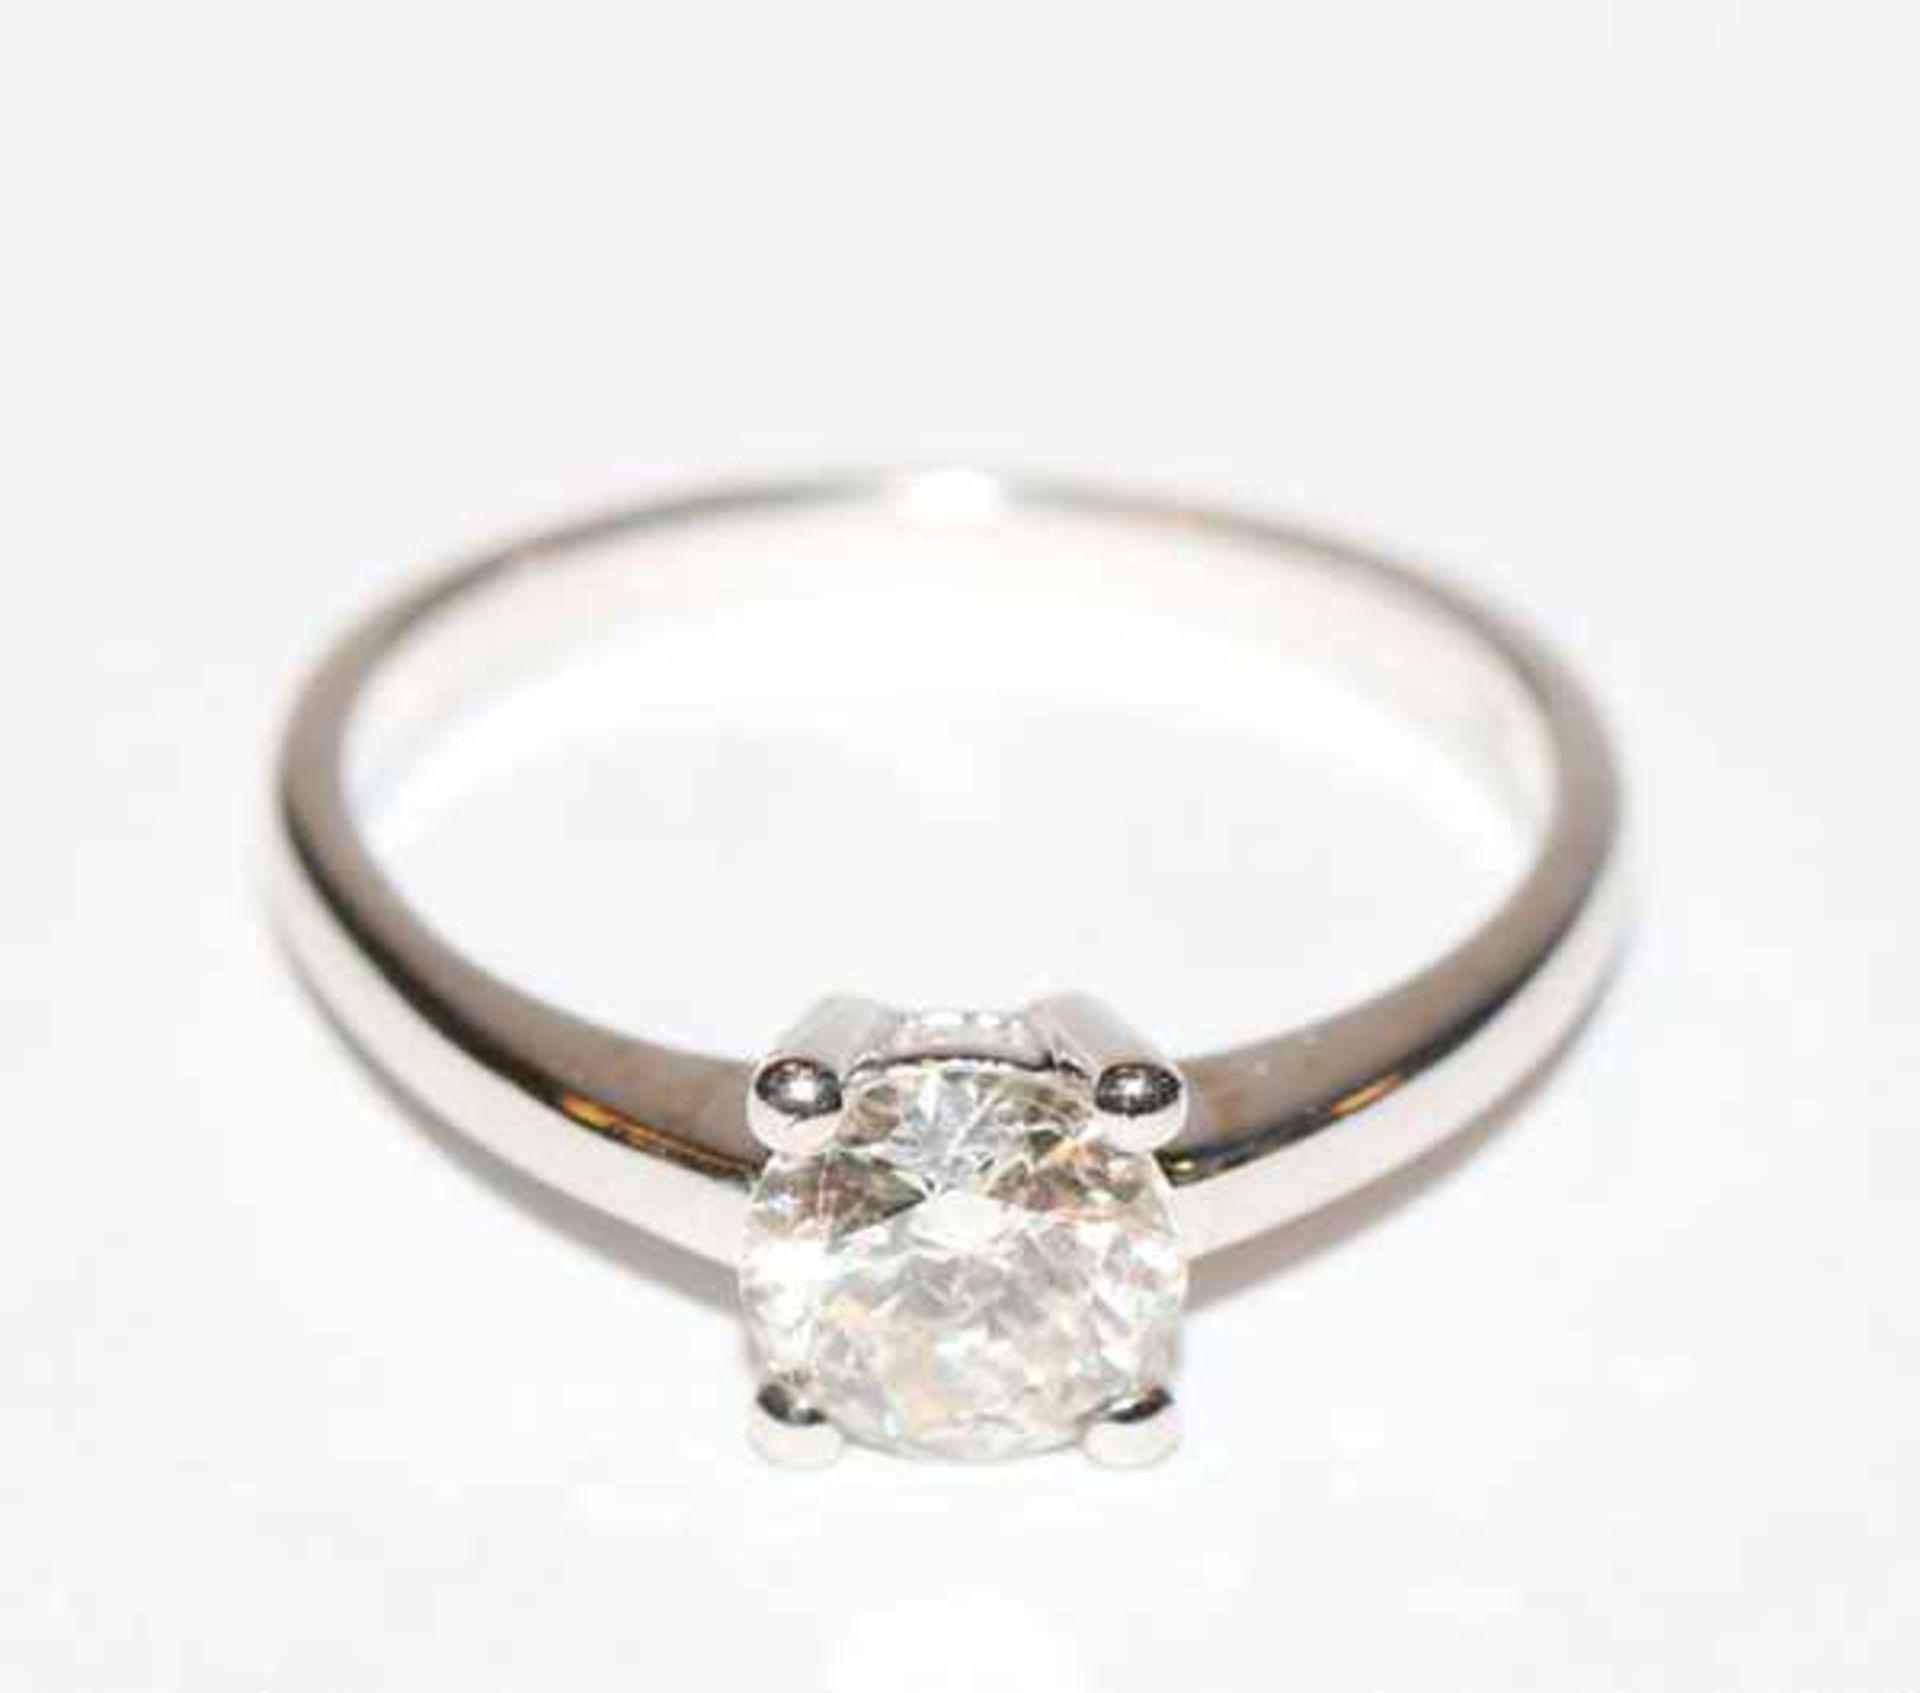 14 k Weißgold Diamantring, ca. 1,1 ct. Diamant in Brillantschlid, klassische Handarbeit, Gr. 57